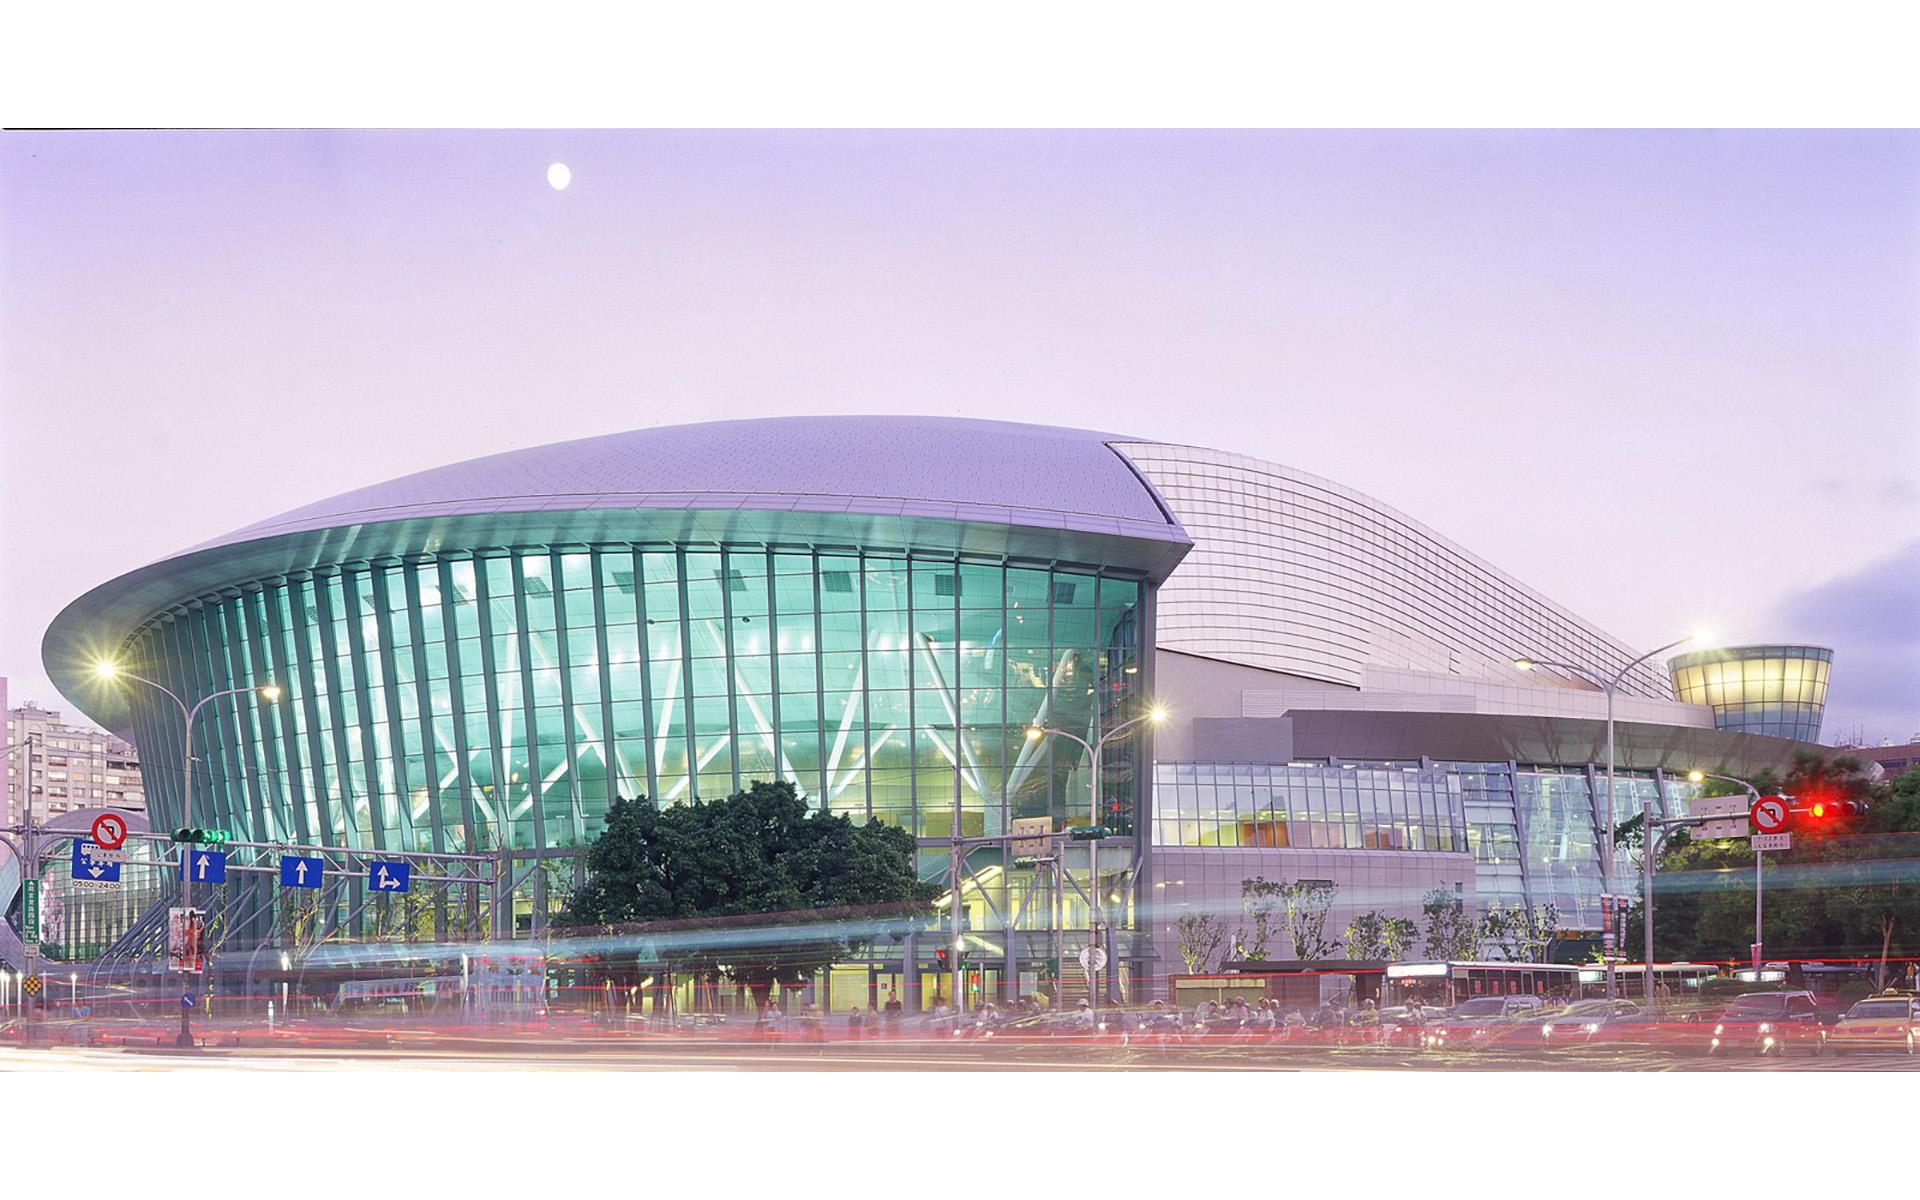 台北市立多功能體育館(台北小巨蛋)